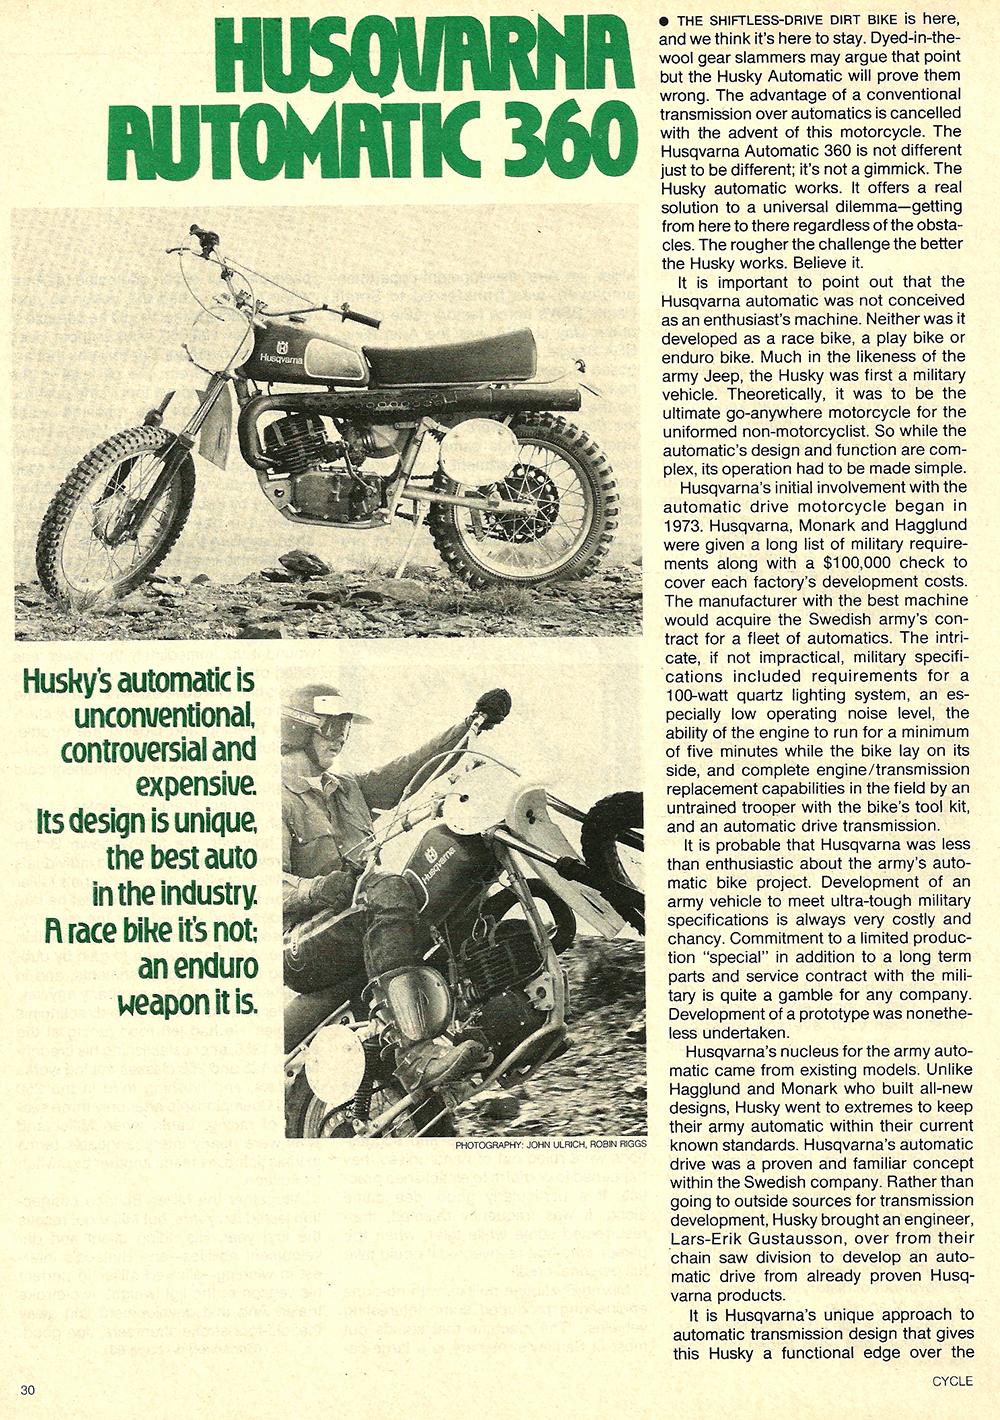 1977 Husqvarna Automatic 360 road test 1.jpg